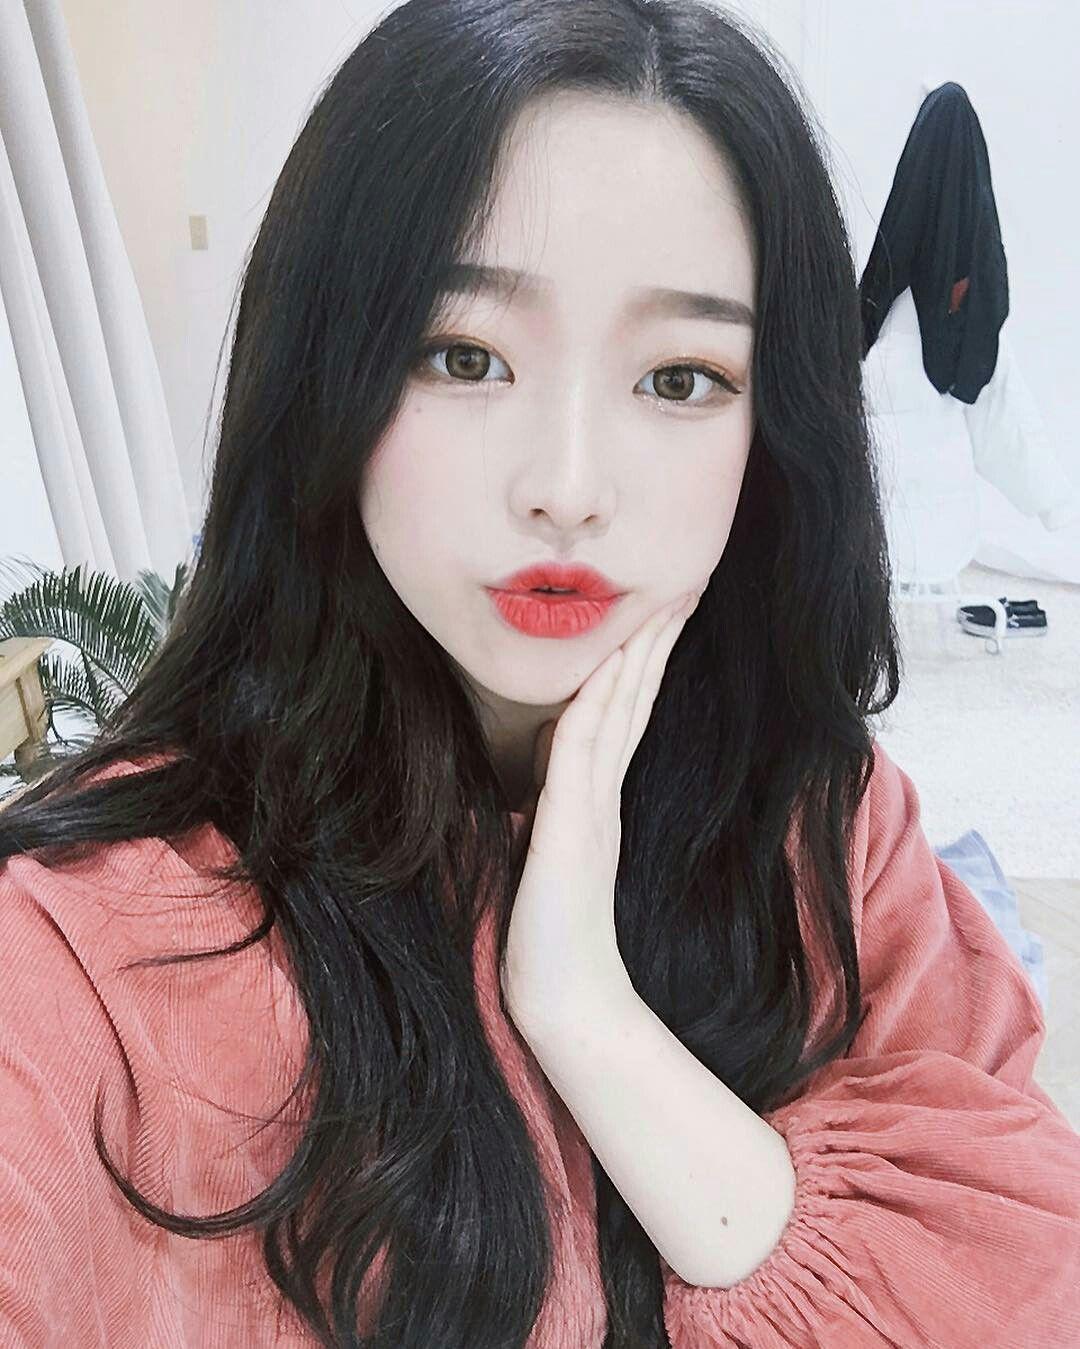 Girls asian girl make up